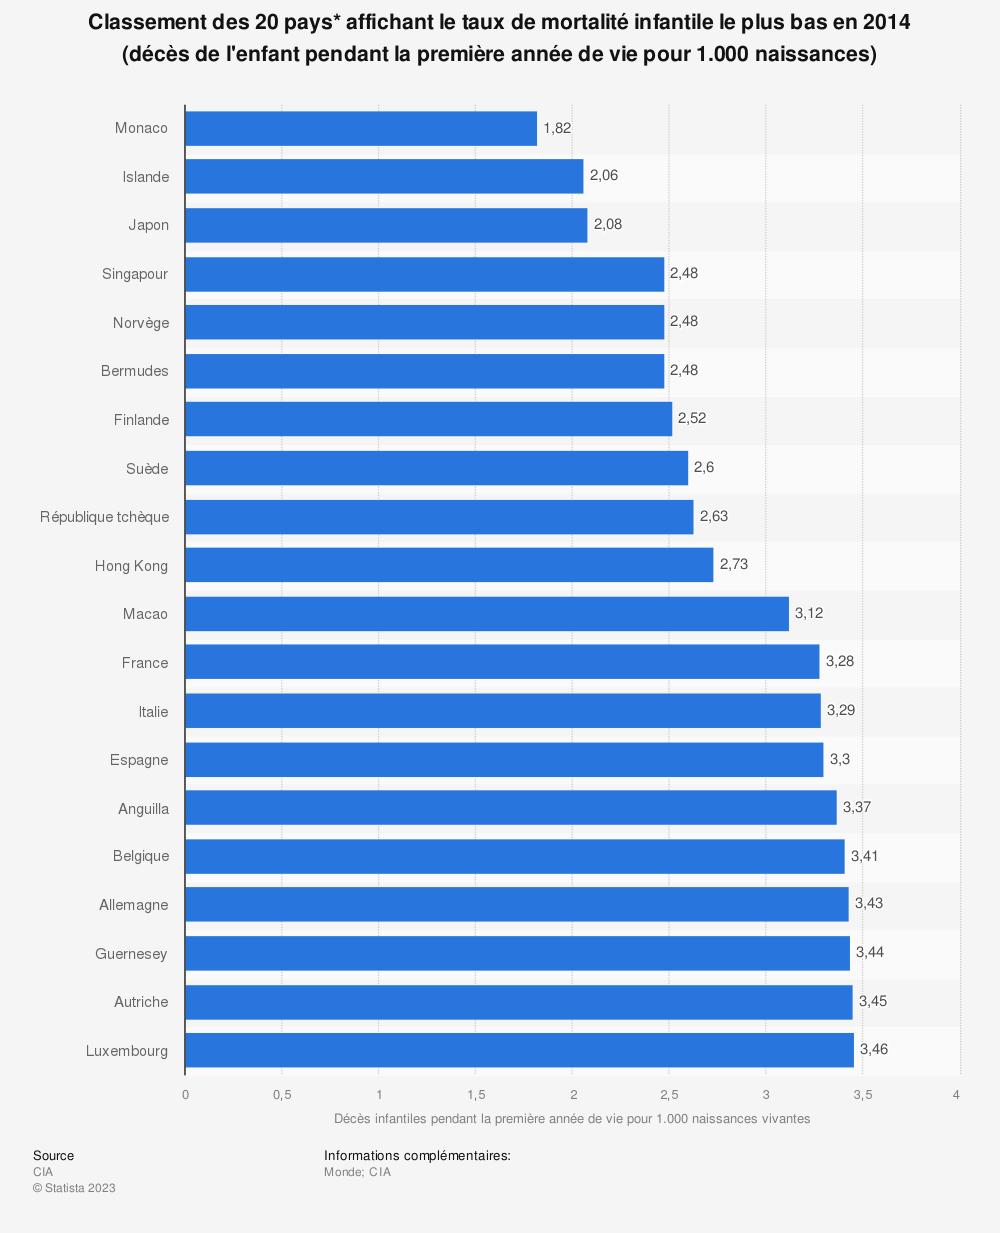 Statistique: Classement des 20 pays* affichant le taux de mortalité infantile le plus bas en 2014 (décès de l'enfant pendant la première année de vie pour 1.000 naissances) | Statista